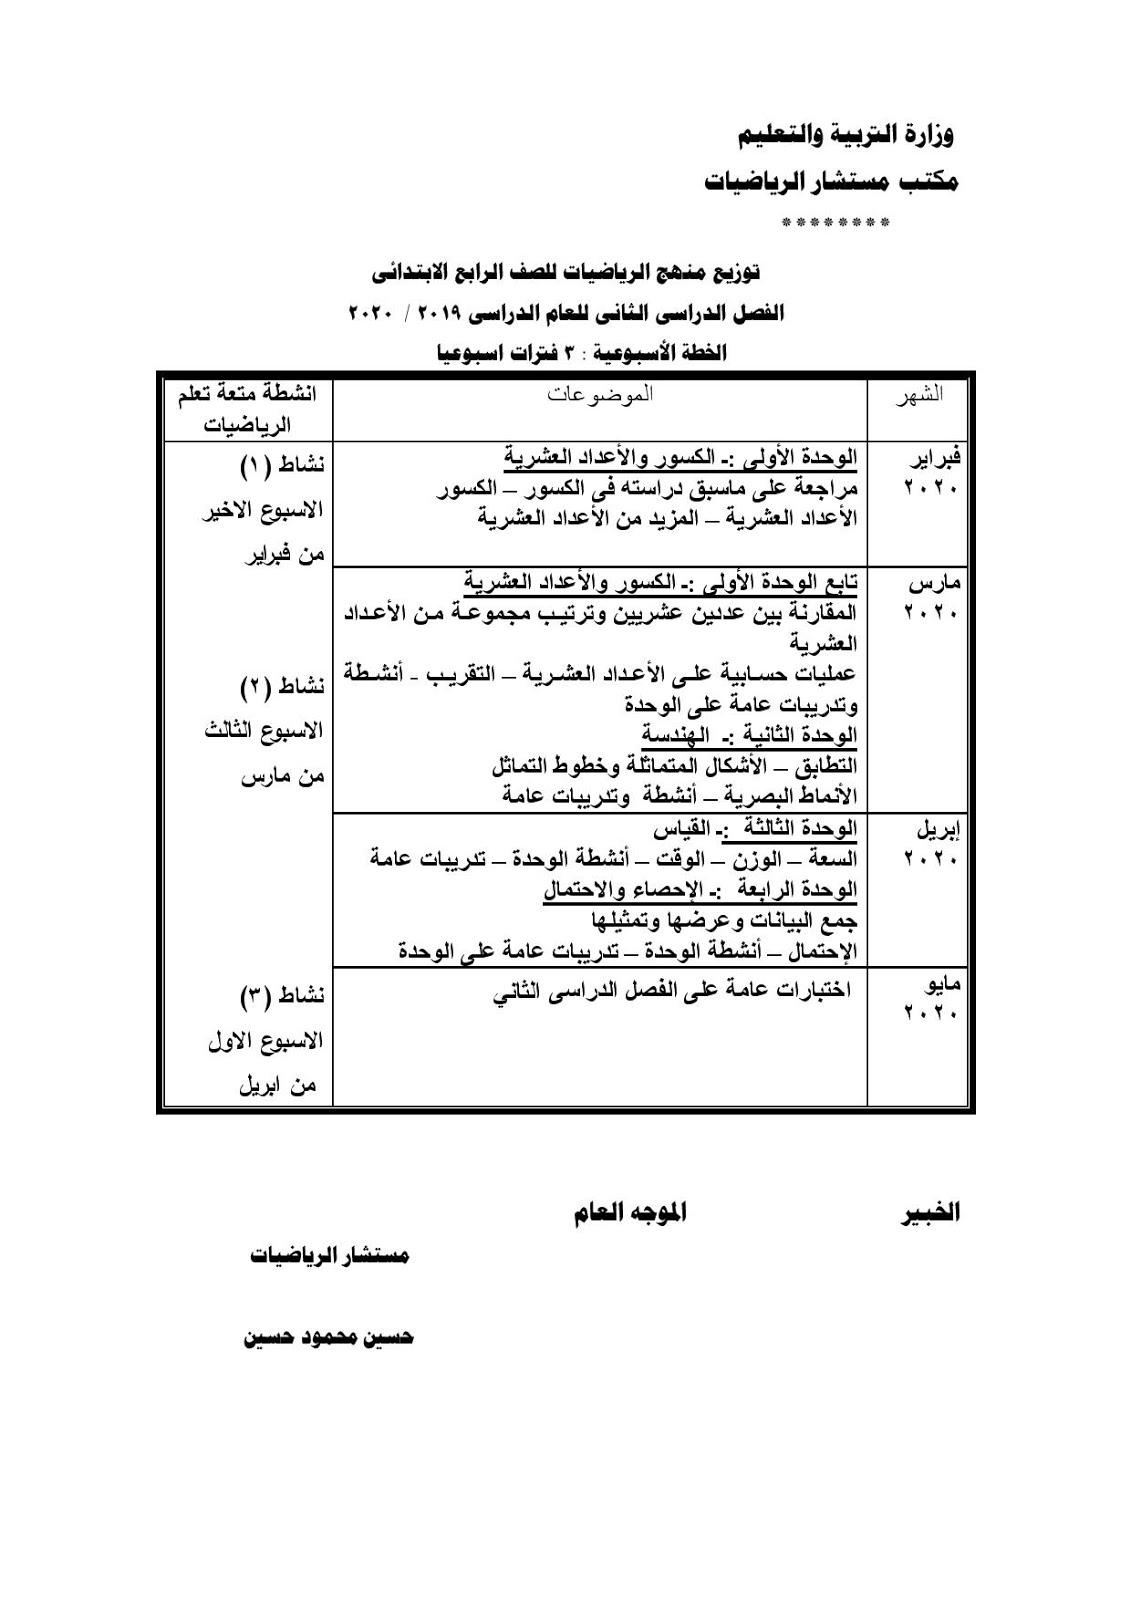 توزيع مادة الرياضيات الصف الرابع الابتدائي الترم الثاني 2020